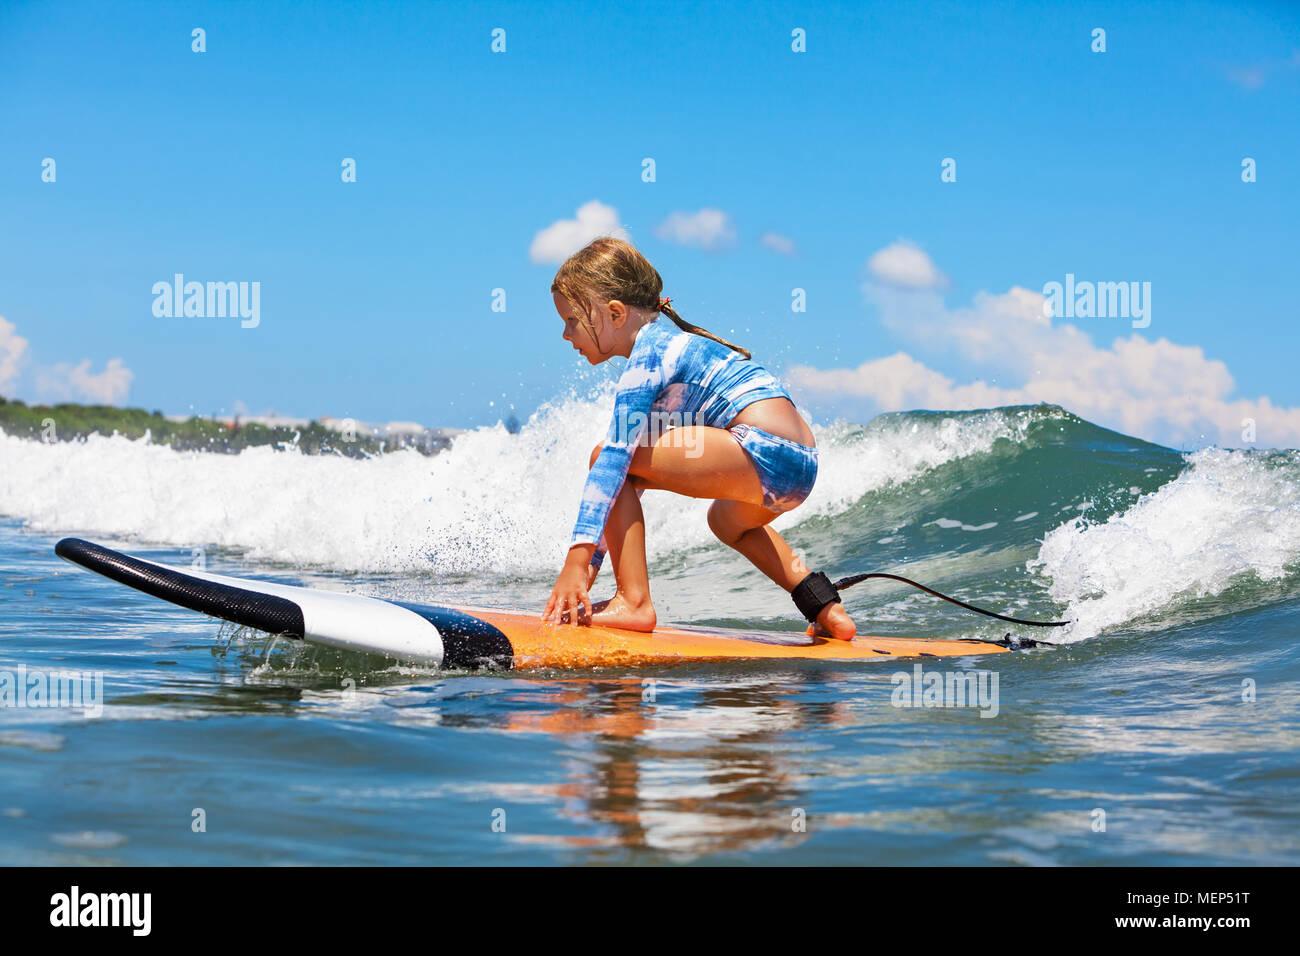 Happy Baby girl. giovani surfer corsa sulla tavola da surf con divertimento sulle onde del mare. Attivo lo stile di vita della famiglia, bambini outdoor sport d'acqua e lezioni di nuoto Immagini Stock